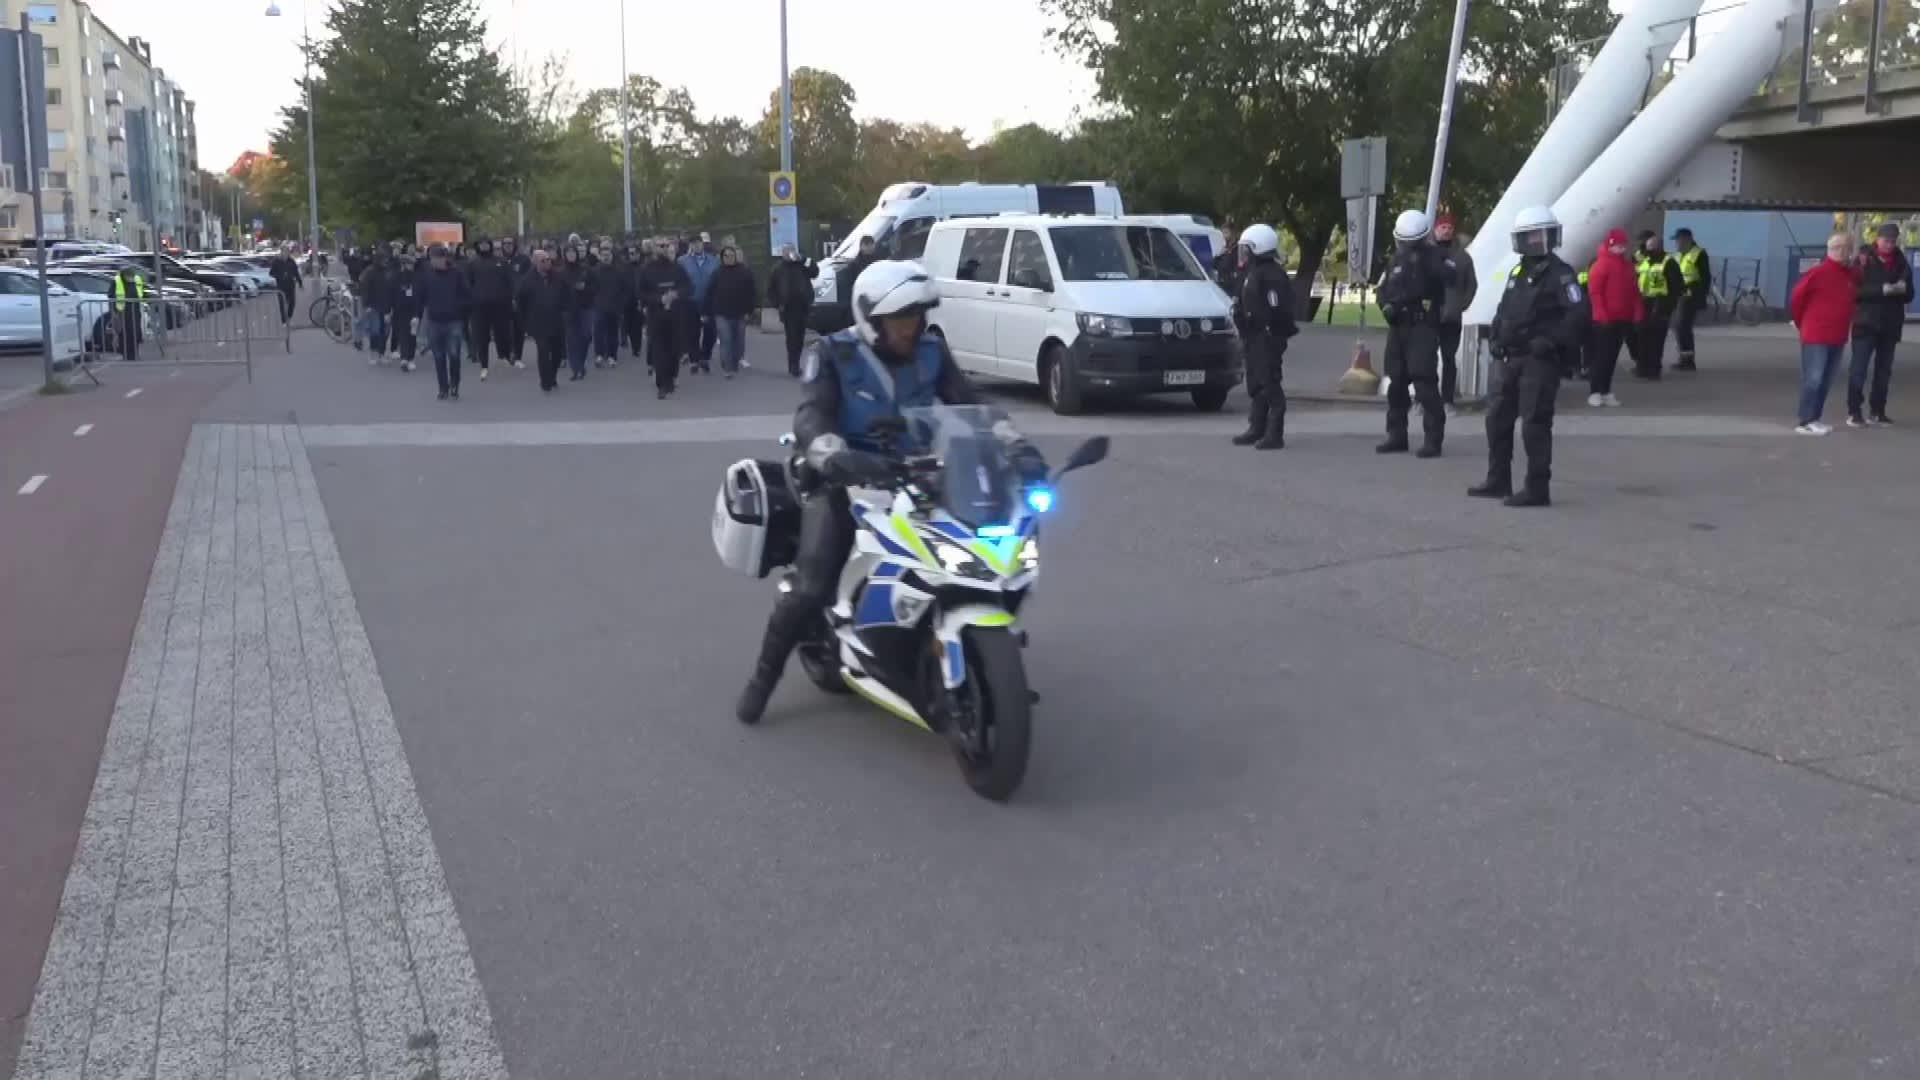 HJK-kannattajat marssivat kohti paikallistaistoa